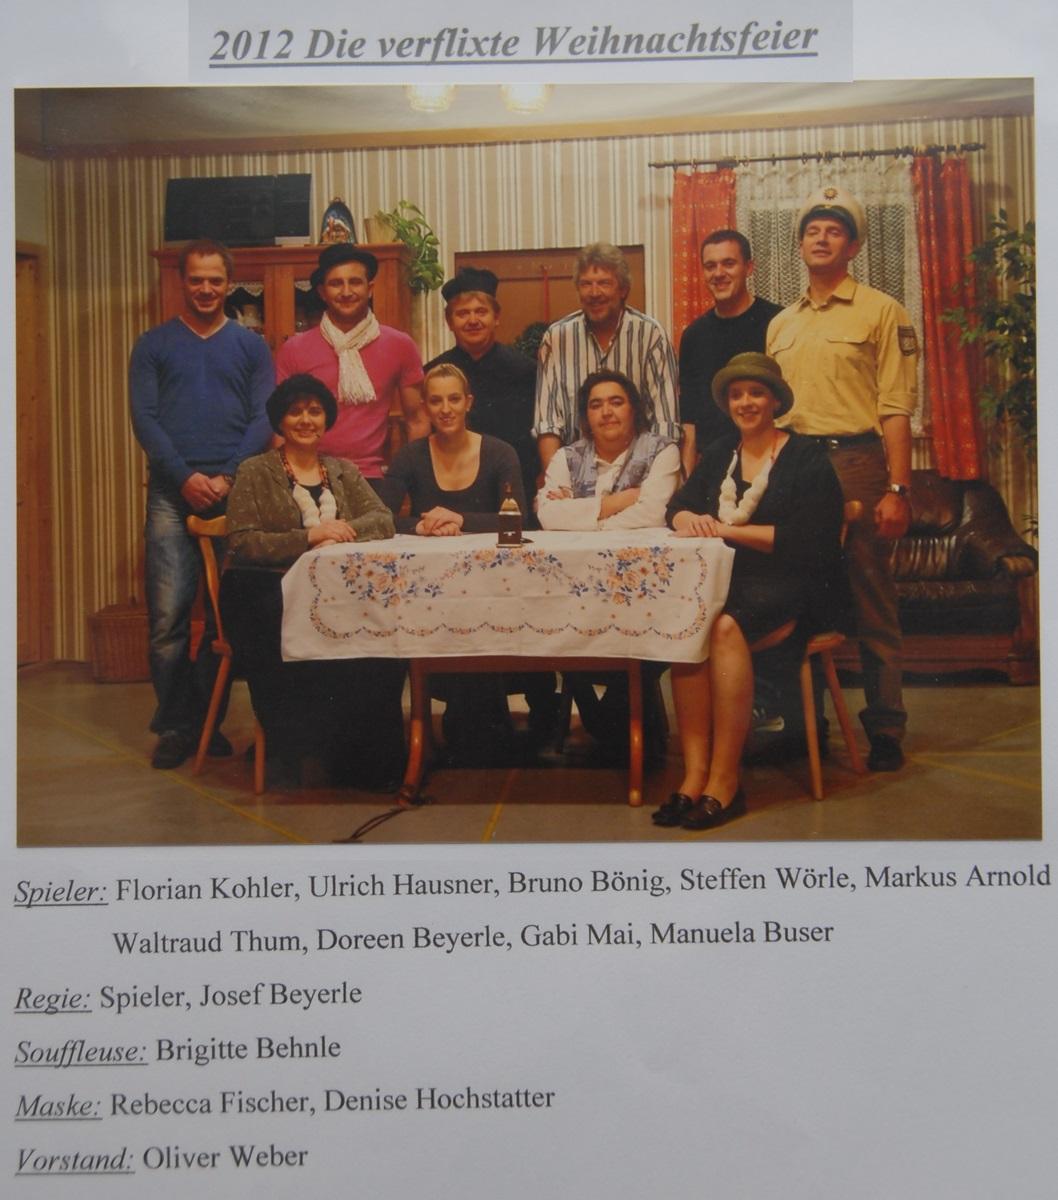 KSC-Theater-2012-Die-verflixte-Weihnachtsfeier